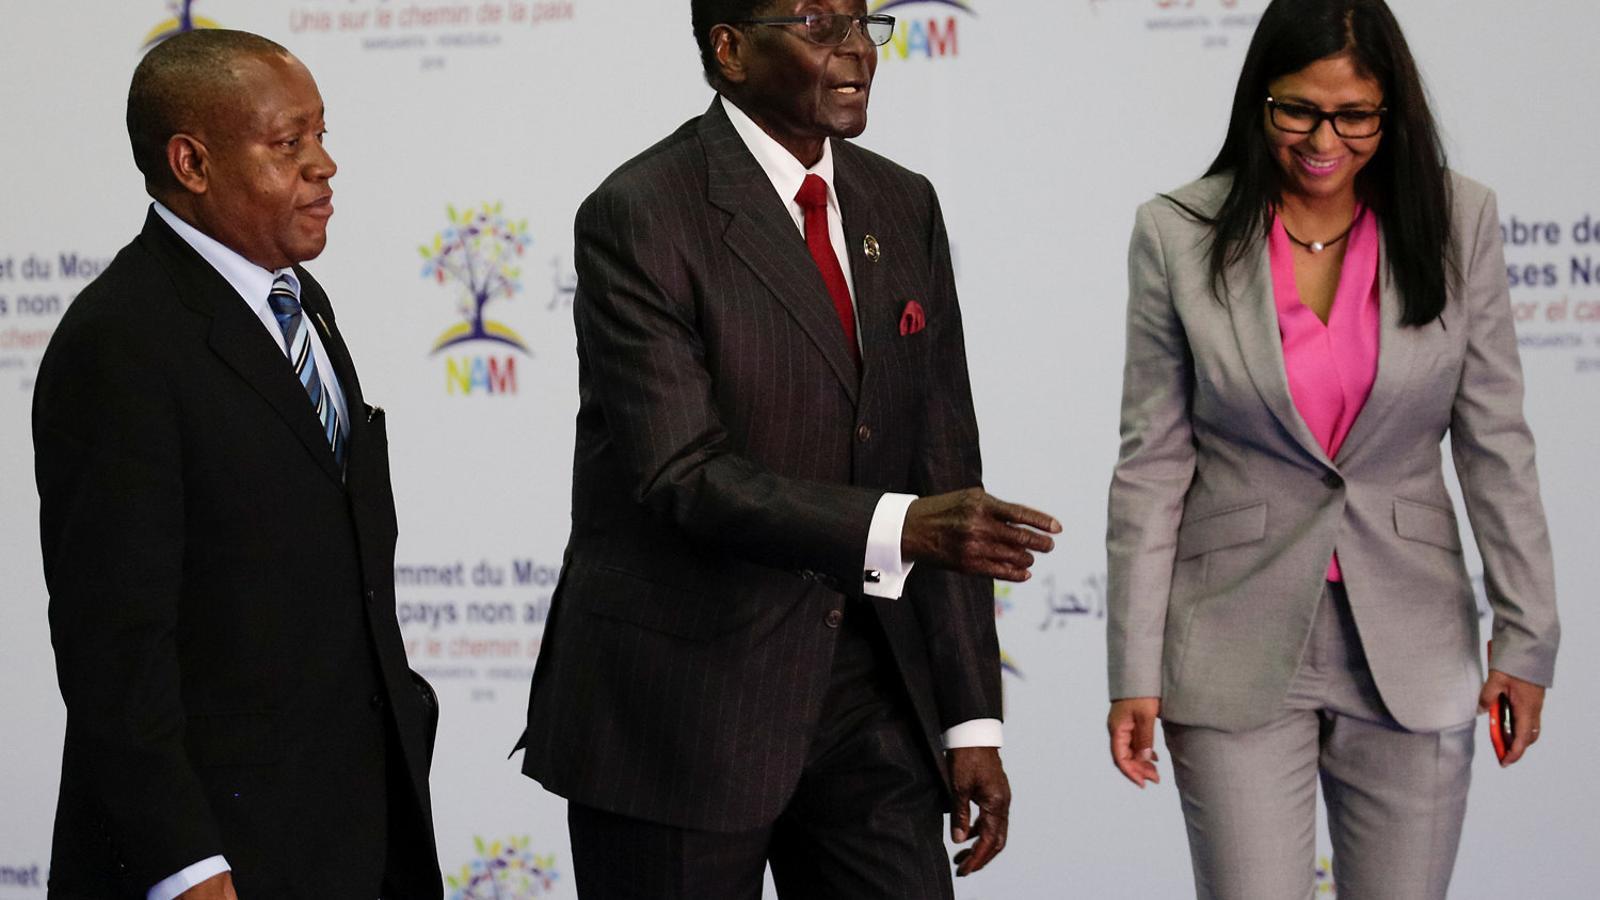 La fi política de l'home que va alliberar i espoliar Zimbàbue